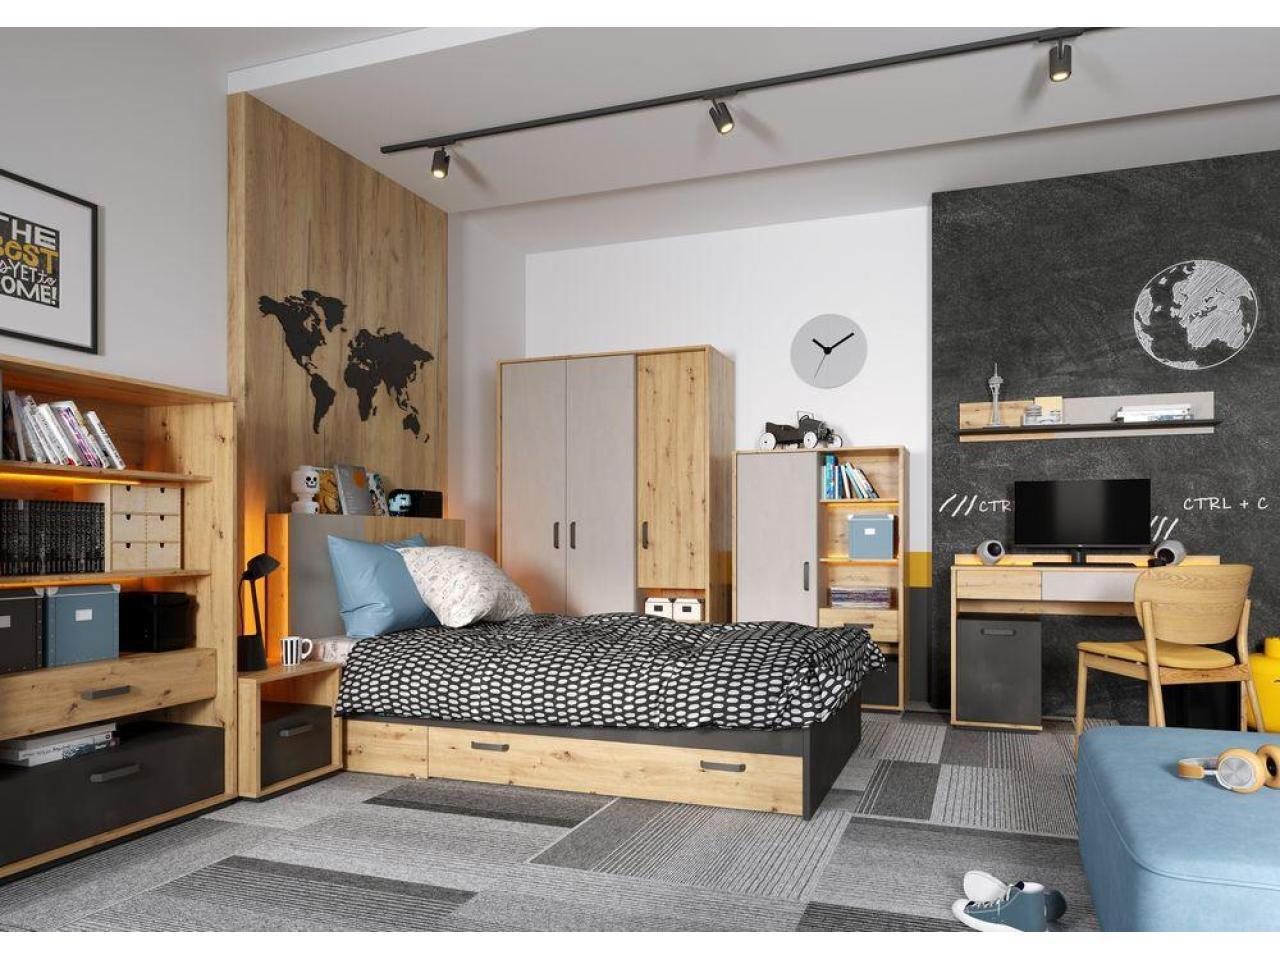 Furnipol-Польская мебель для дома - 8